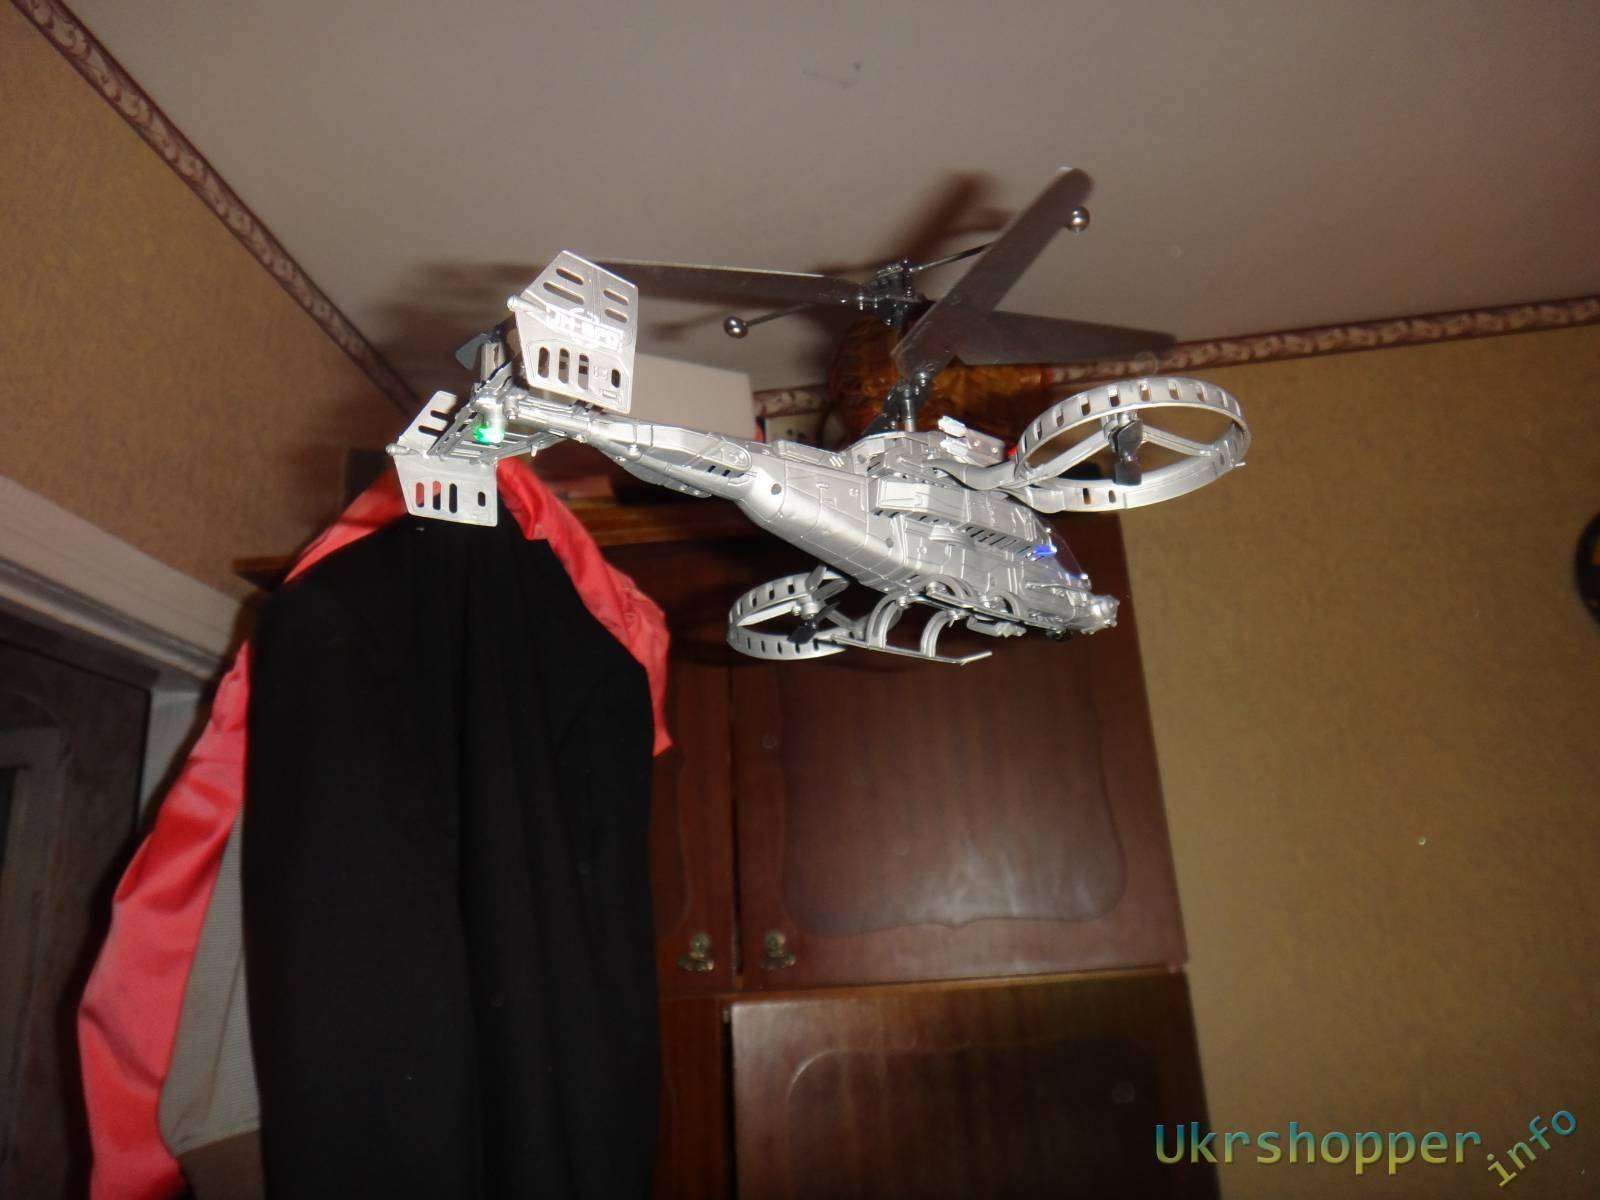 Aura Buy: Обзор радиоуправляемого 4 канального вертолета типа 'Аватар' на ИК управлении